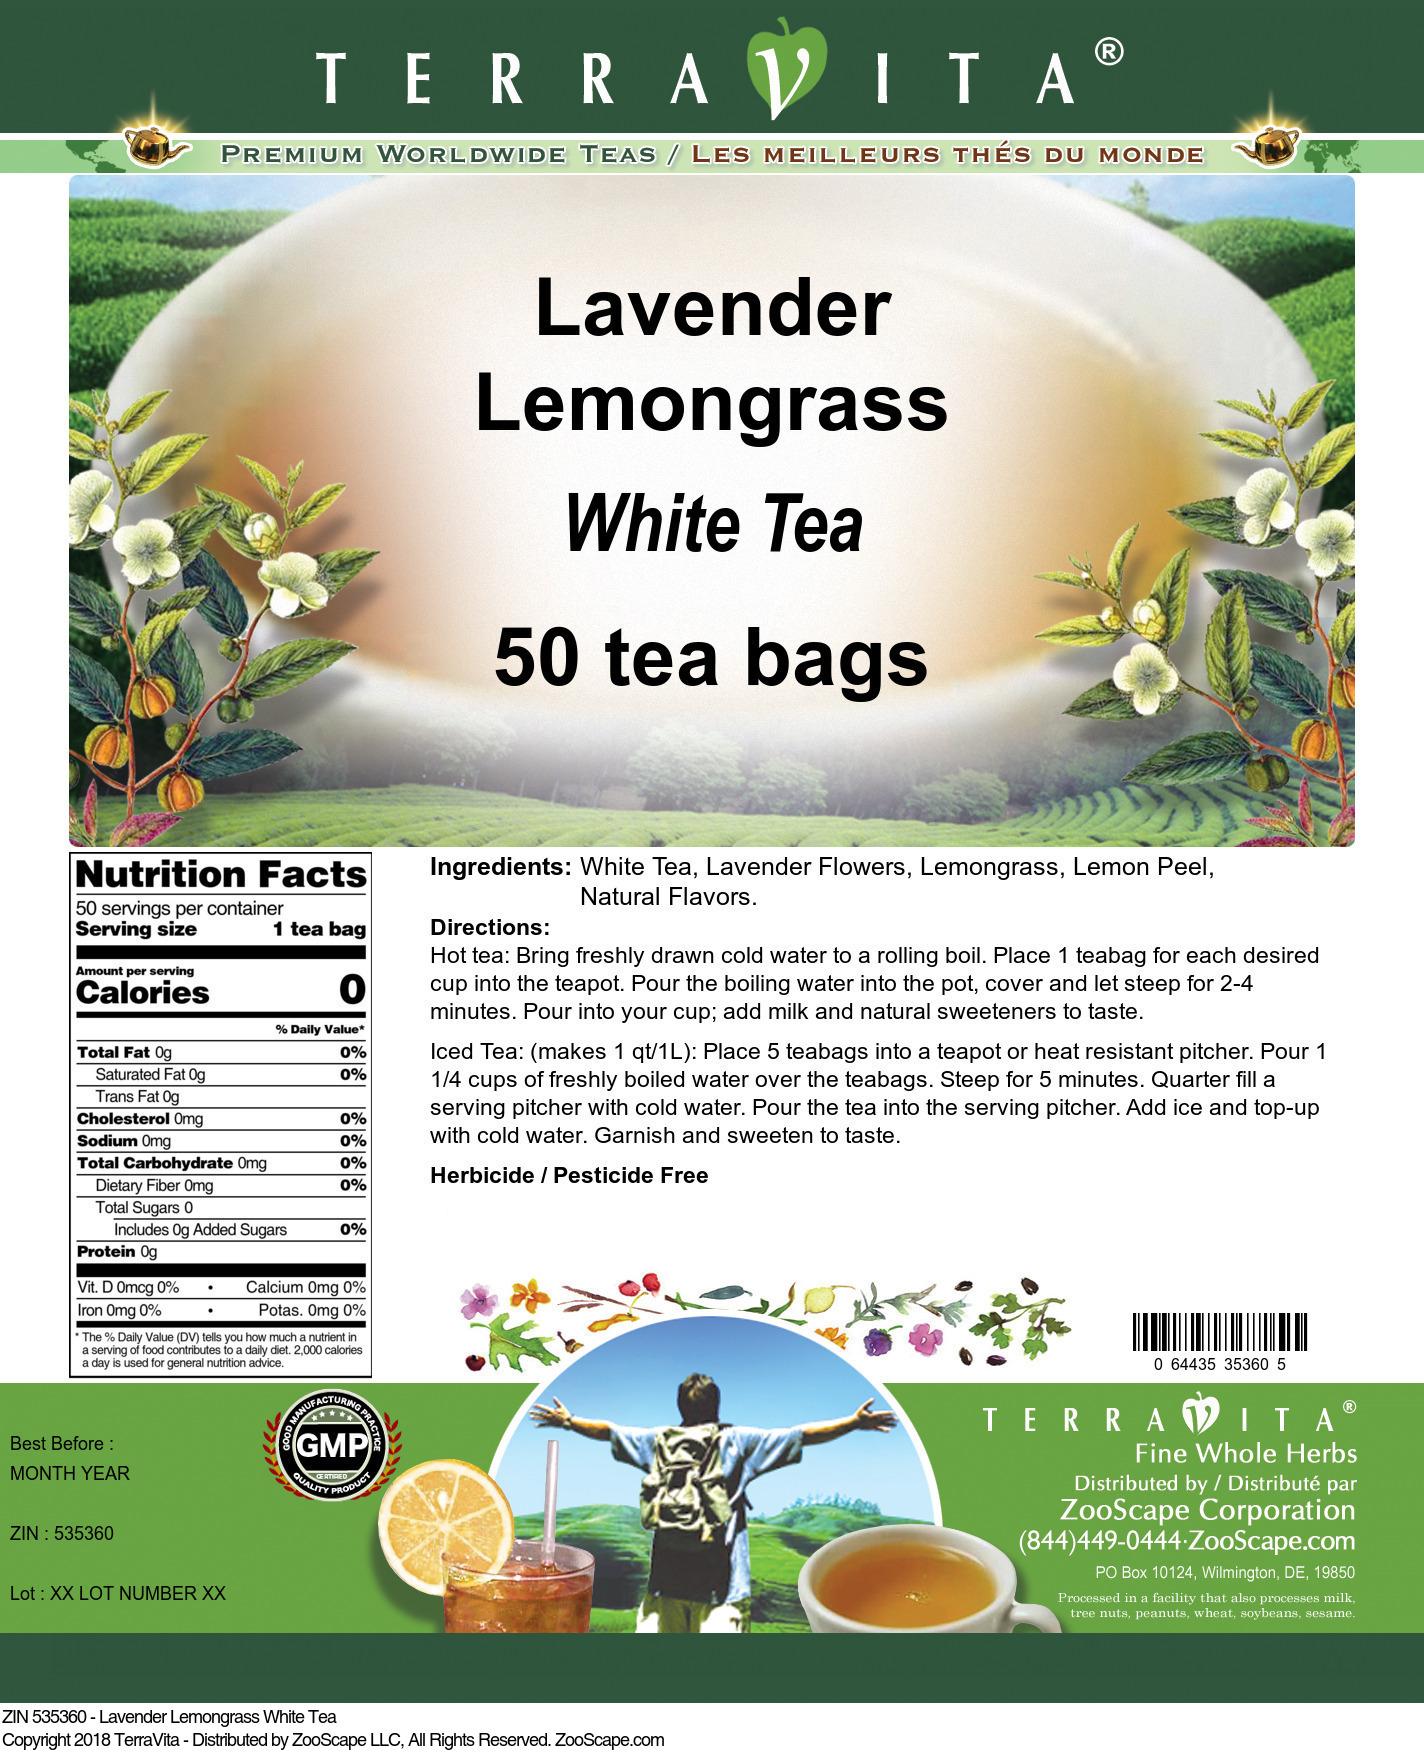 Lavender Lemongrass White Tea